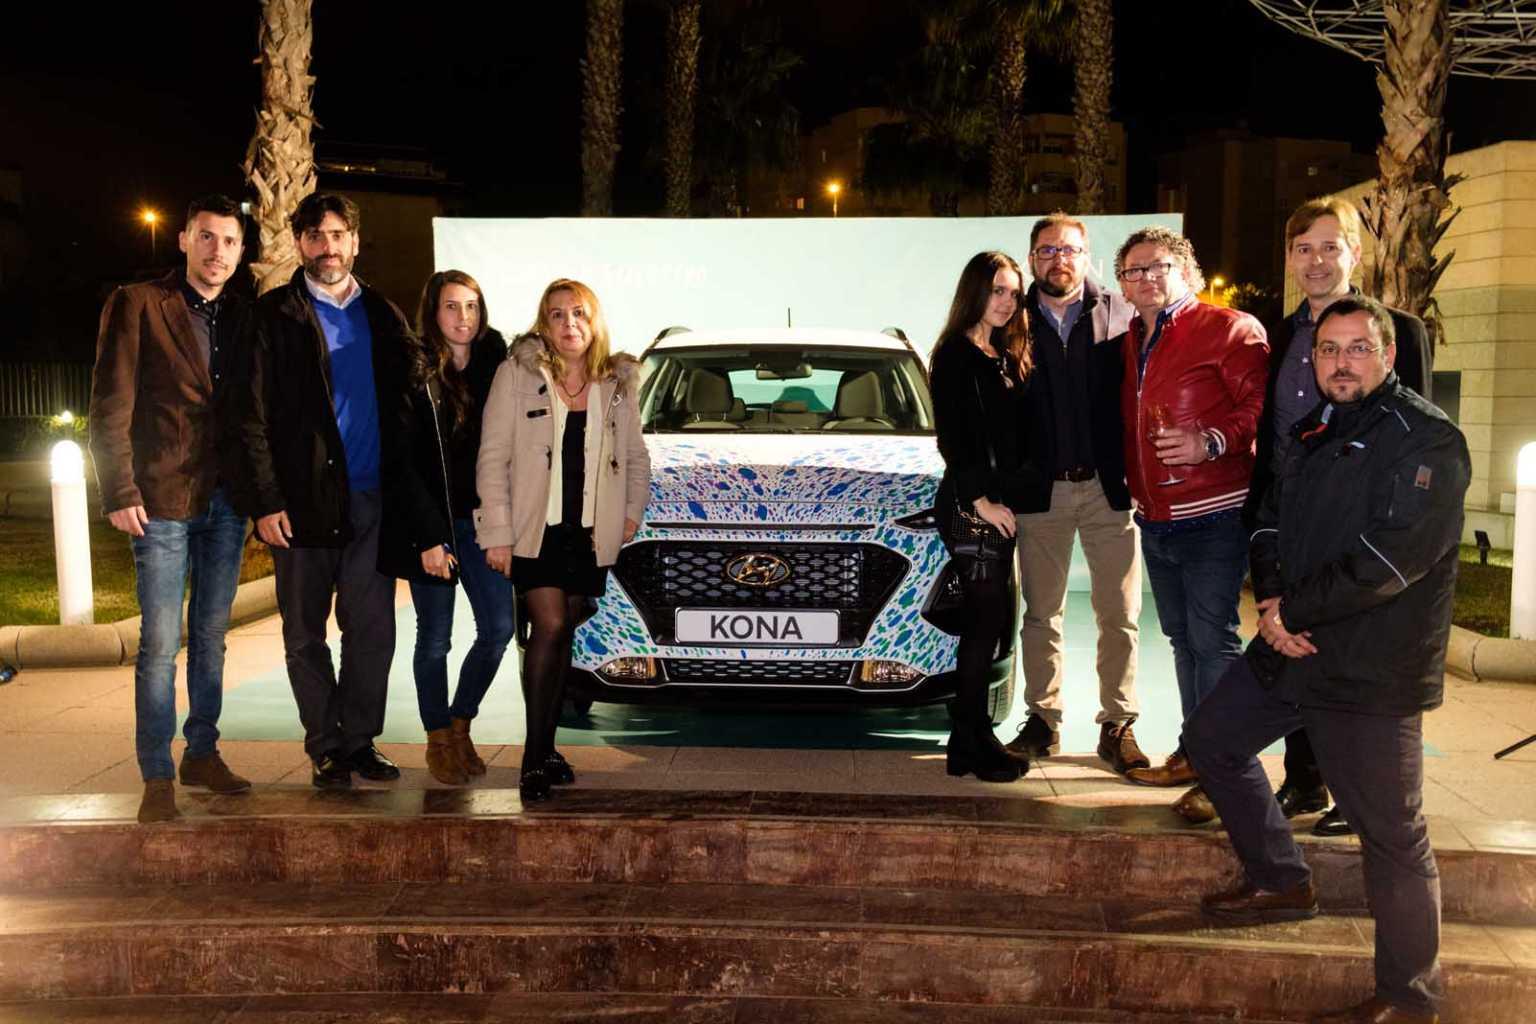 Dos artistas pintaron verdaderas obras de arte en dos vehículos de Hyundai Kona durante el evento celebrado este 8 de marzo en las instalaciones de Diario de Ibiza.